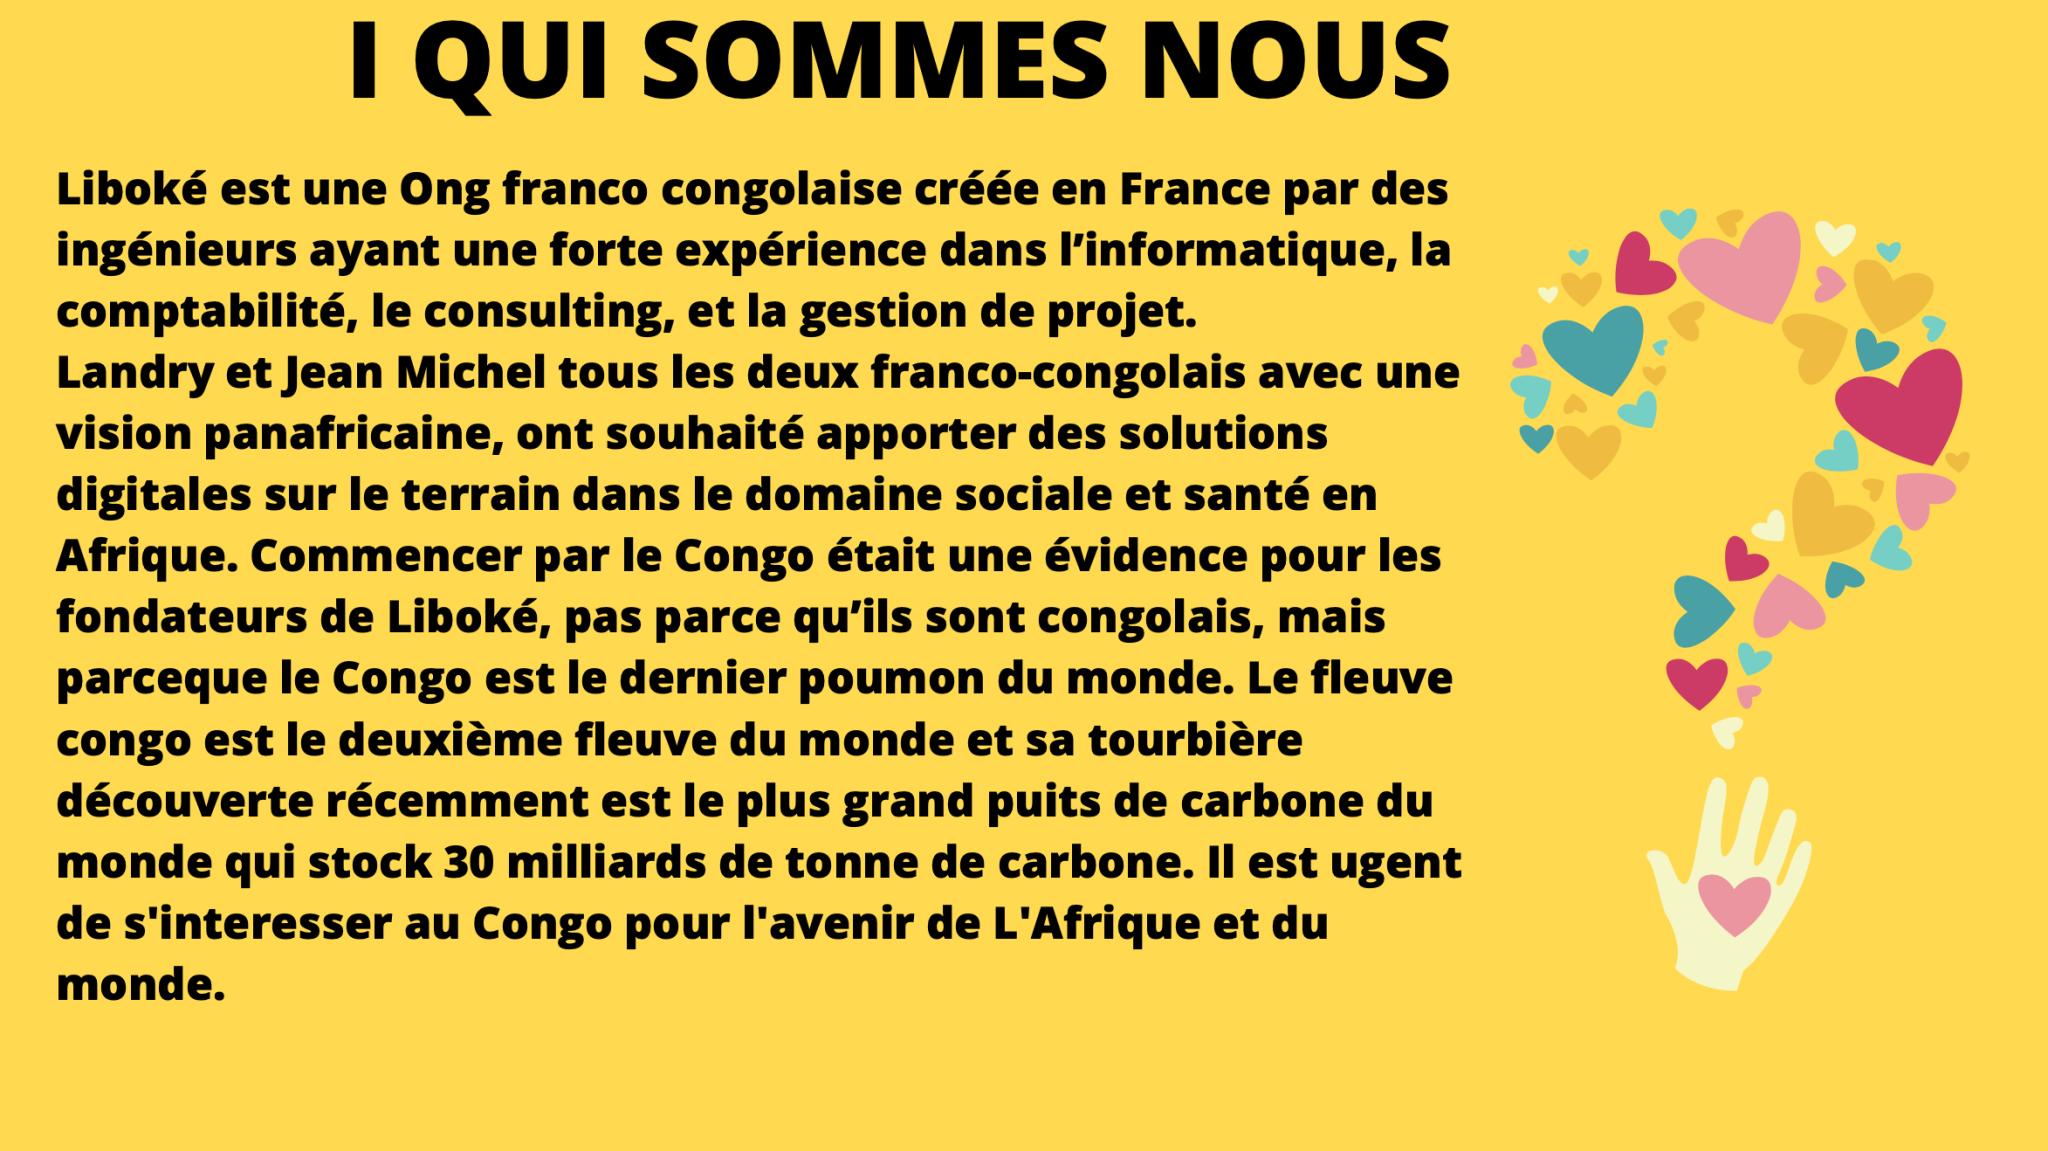 Liboké est une Ong franco congolaise créée en France par des ingénieurs ayant une forte expérience dans l'informatique, la comptabilité, le consulting, et la gestion de projet. Landry et Jean Michel tous les deux franco-congolais avec une vision panafricaine, ont souhaité apporter des solutions digitales sur le terrain dans le domaine sociale et santé en Afrique. Commencer par le Congo était une évidence pour les fondateurs de Liboké, pas parce qu'ils sont congolais, mais parceque le Congo est le dernier poumon du monde. Le fleuve congo est le deuxième fleuve du monde et sa tourbière découverte récemment est le plus grand puits de carbone du monde qui stock 30 milliards de tonne de carbone. Il est ugent de s'interesser au Congo pour l'avenir de L'Afrique et du monde.